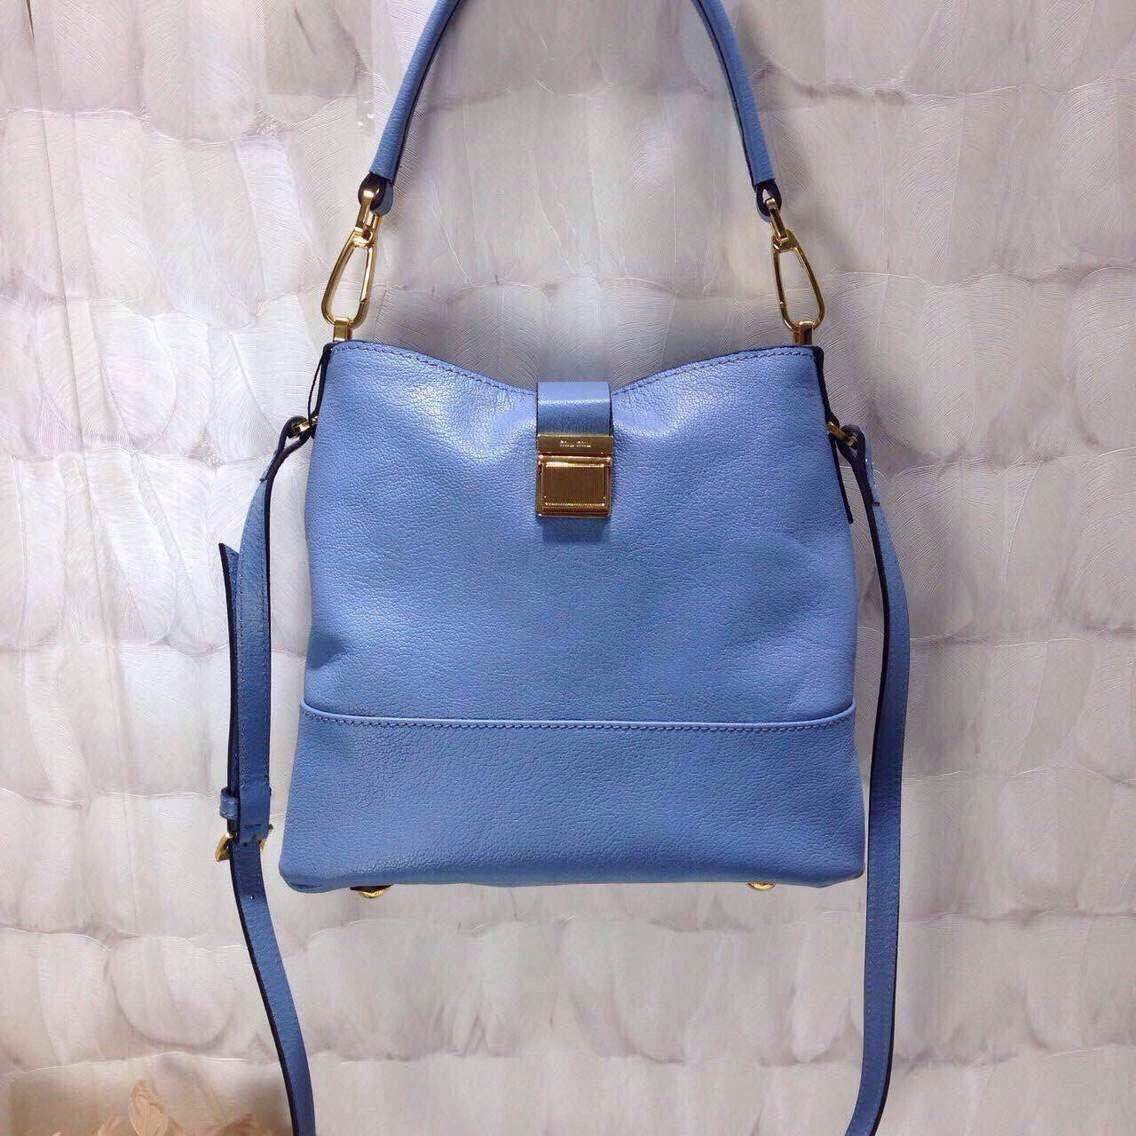 Miu Miu Leather Hobo Bag Sky Blue 2015 Designer Purses, Hobo Bag, Cross Body 8f4399e091